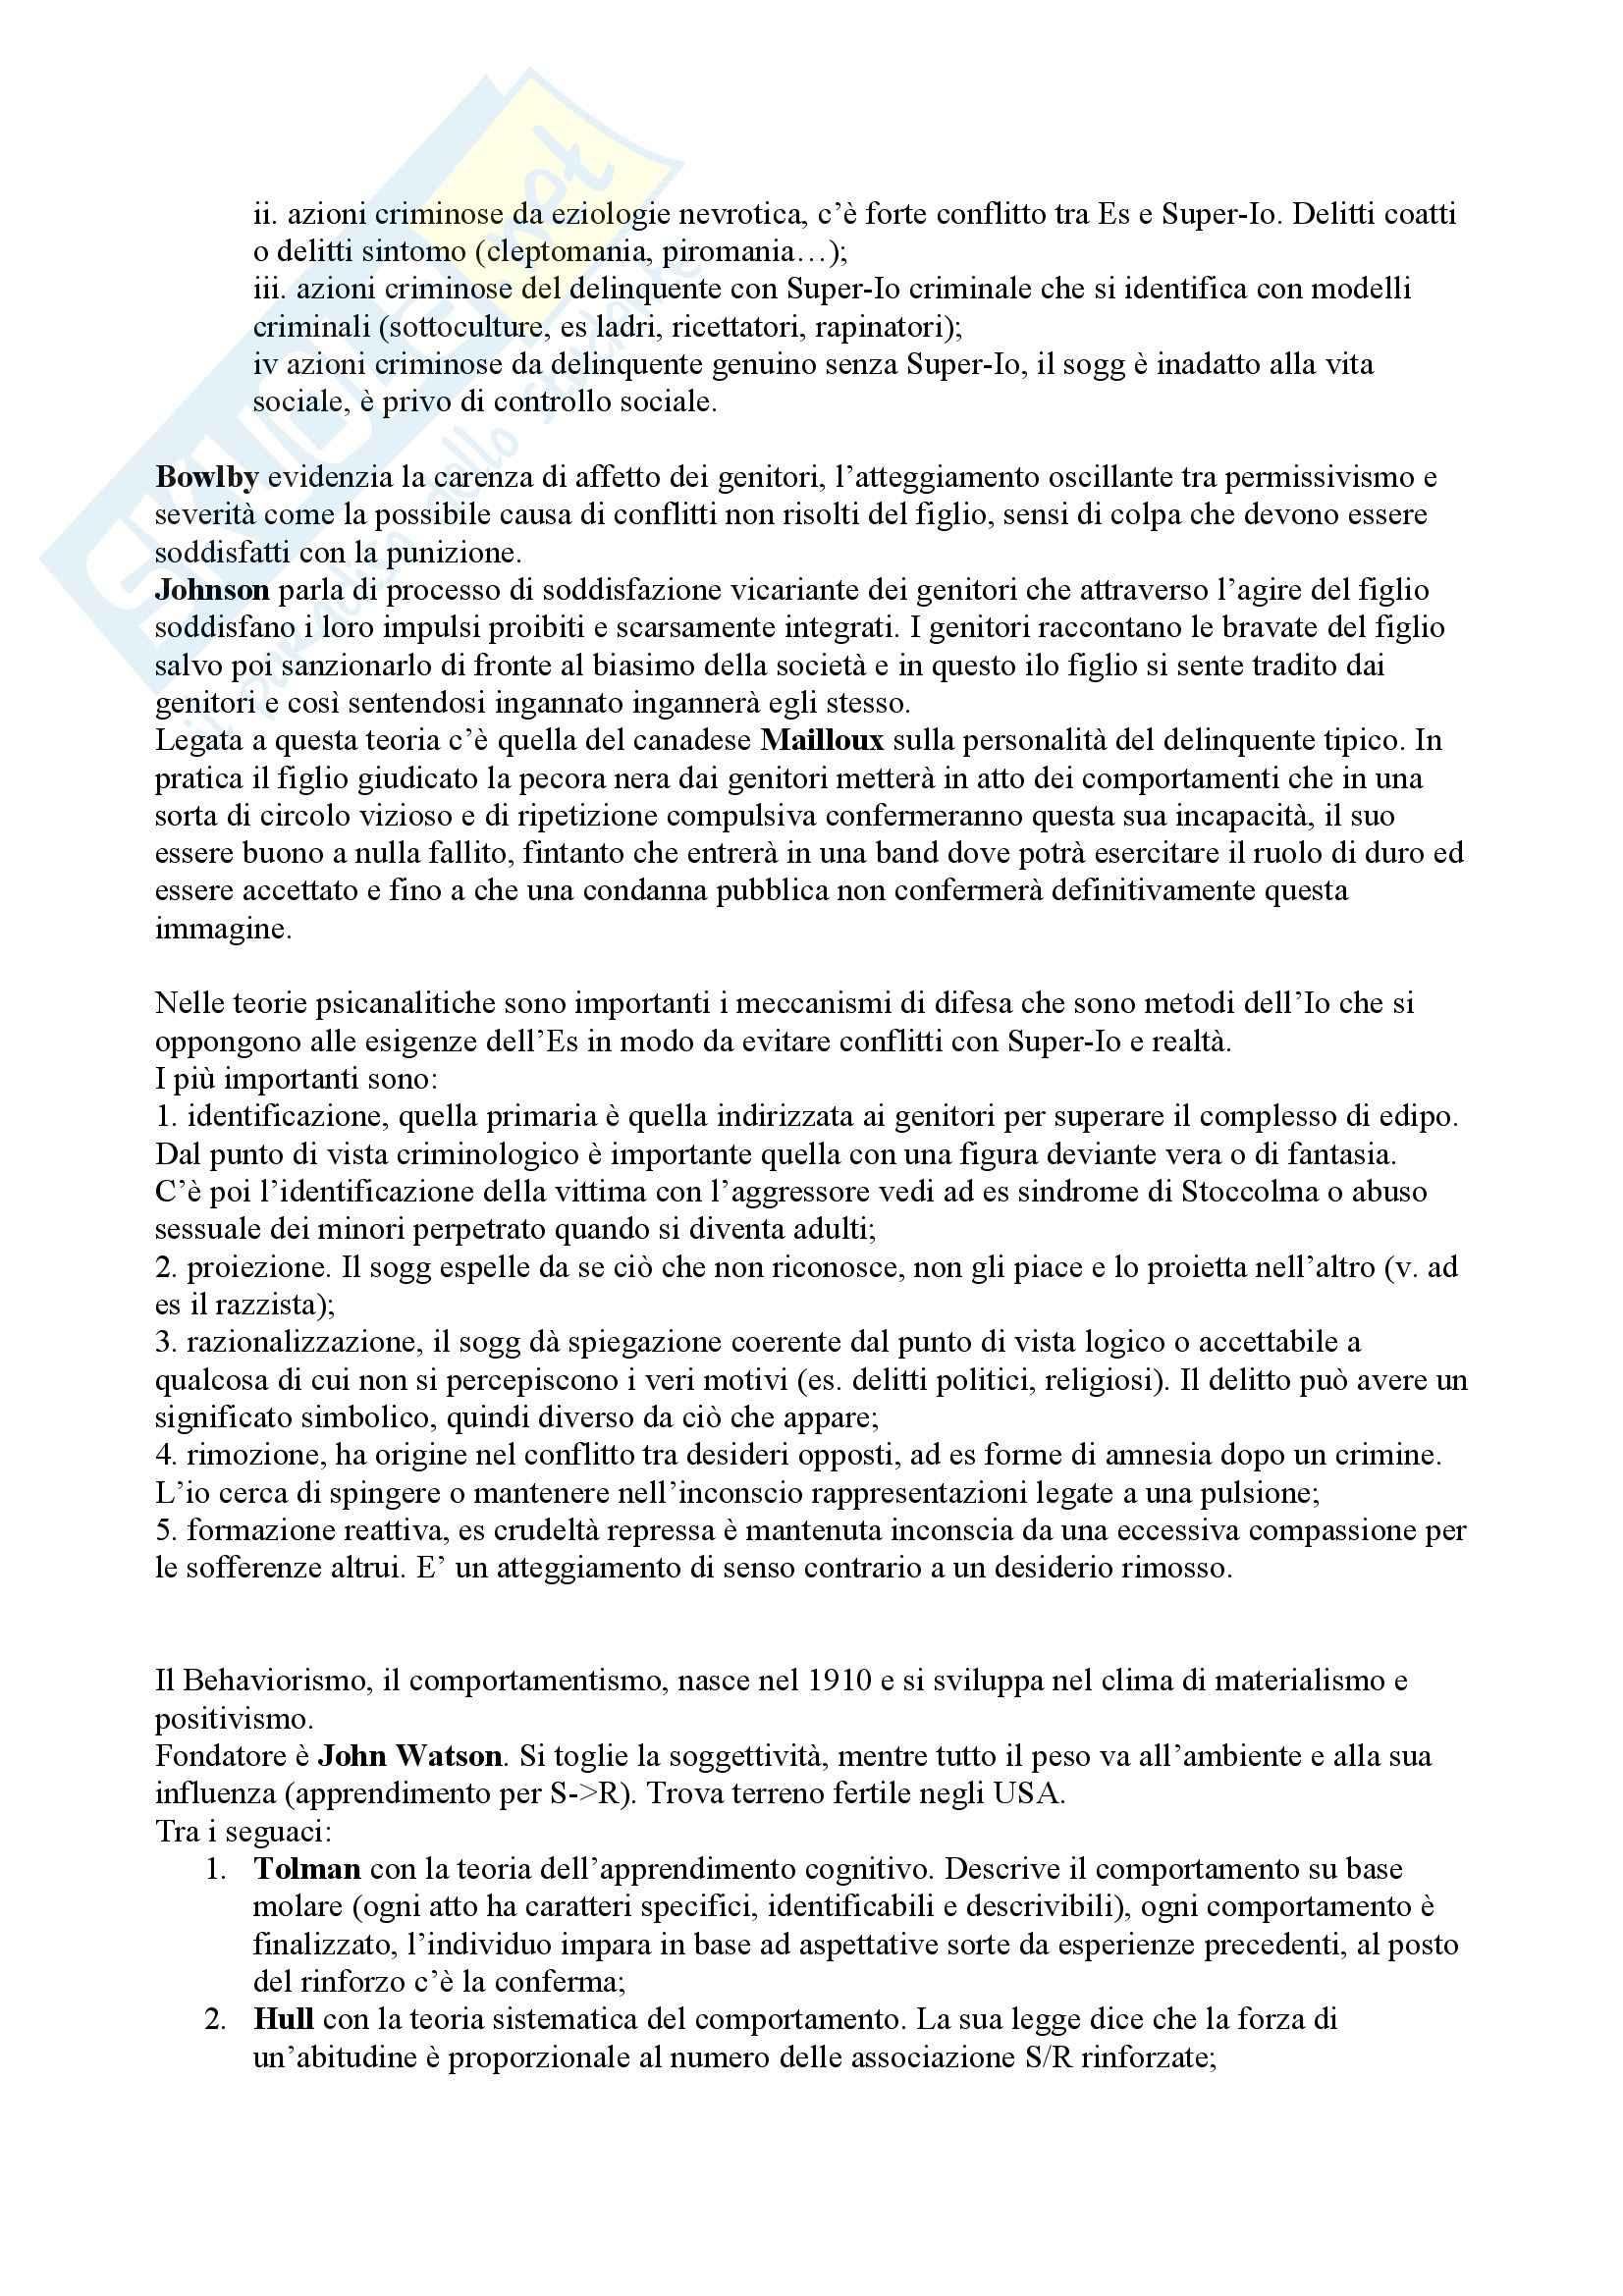 Criminologia  e sociologia della devianza - Appunti Pag. 11